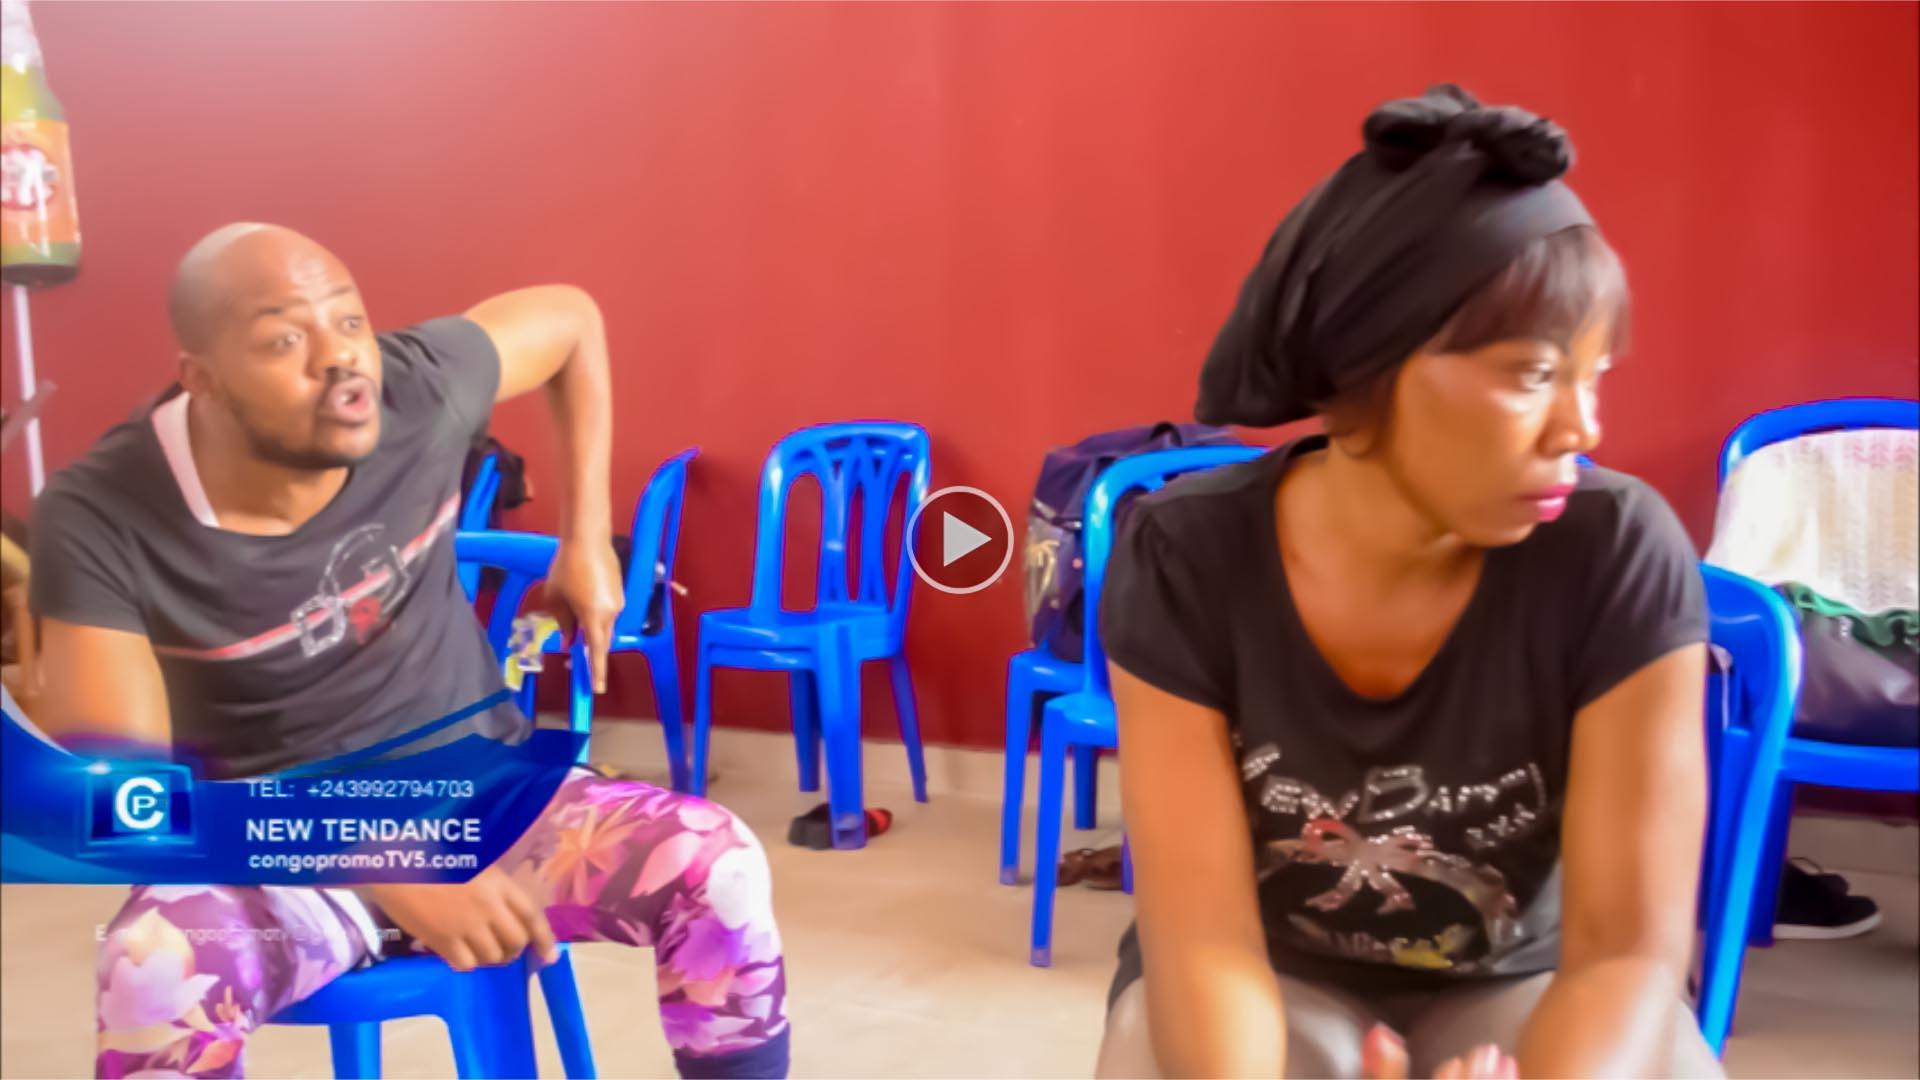 Exclusivité le groupe sans souci en forme et révèle des choses sur le Théâtre Congolais toujours fort